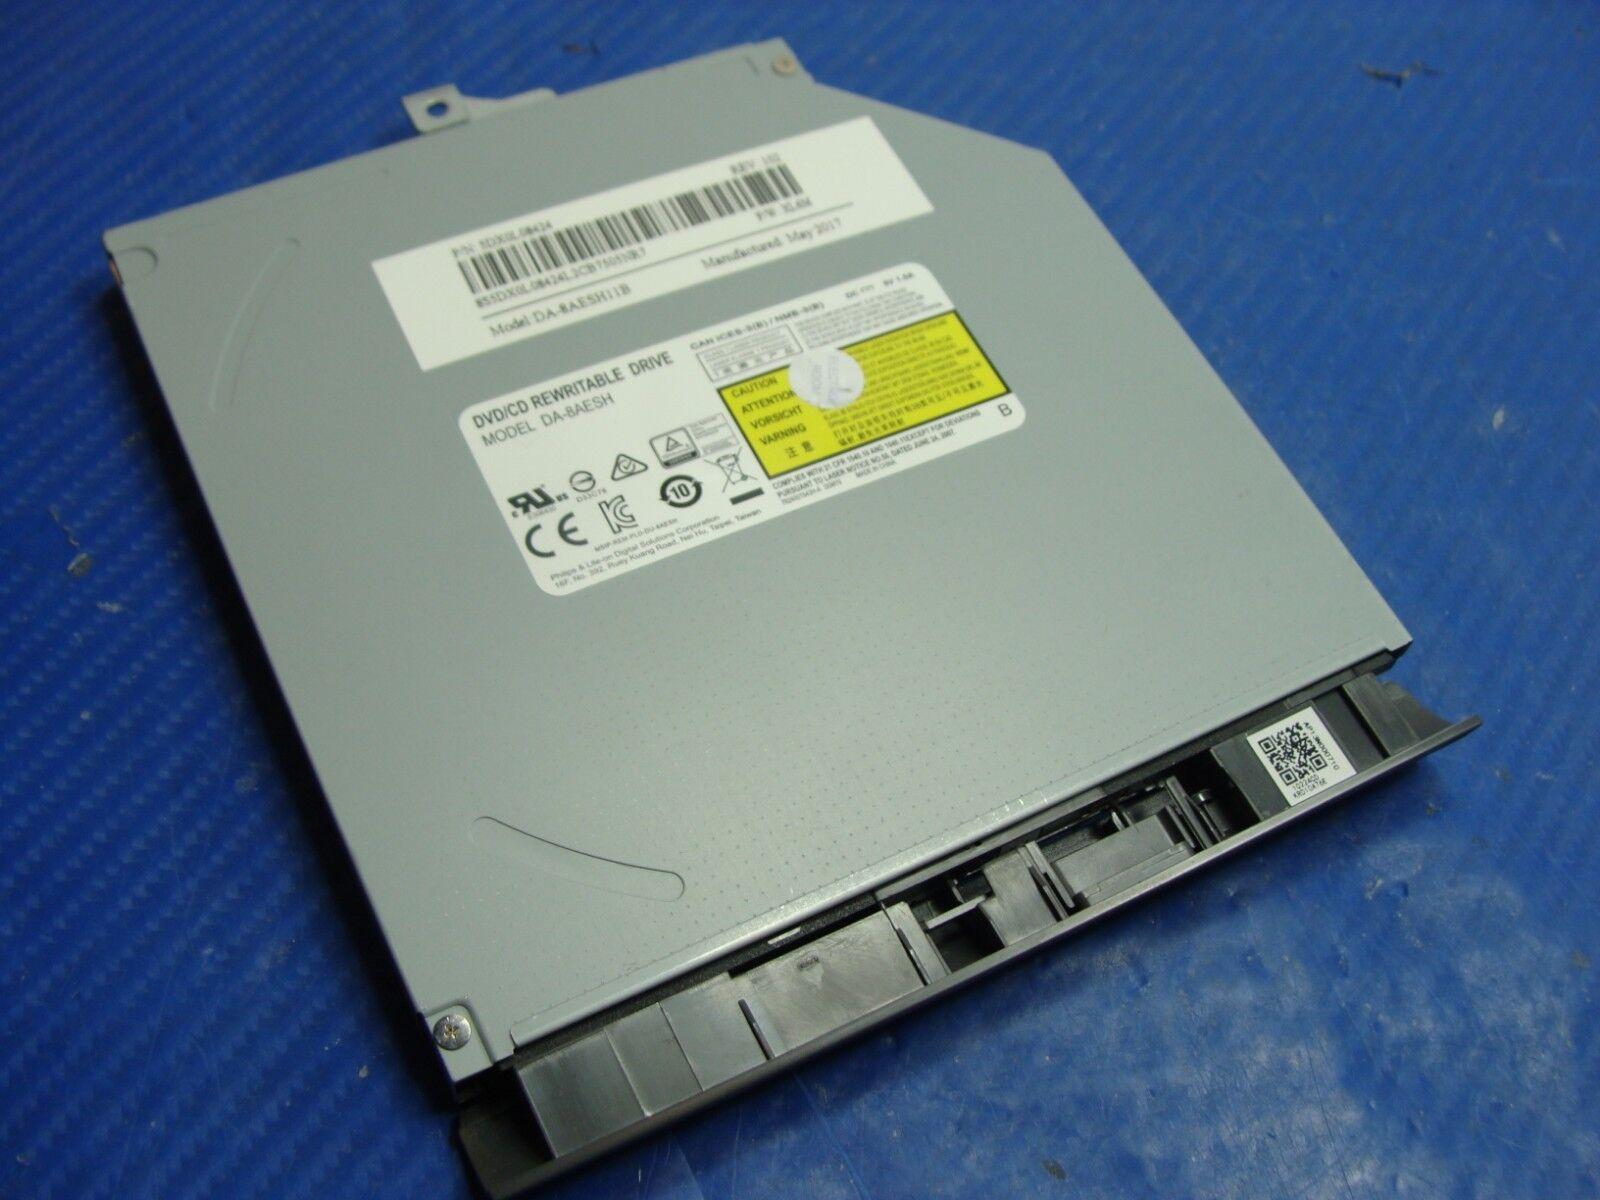 HIGHDING SATA CD DVD-ROM//RAM DVD-RW Drive Writer Burner for Lenovo IdeaPad Y460 Y460n Y460p